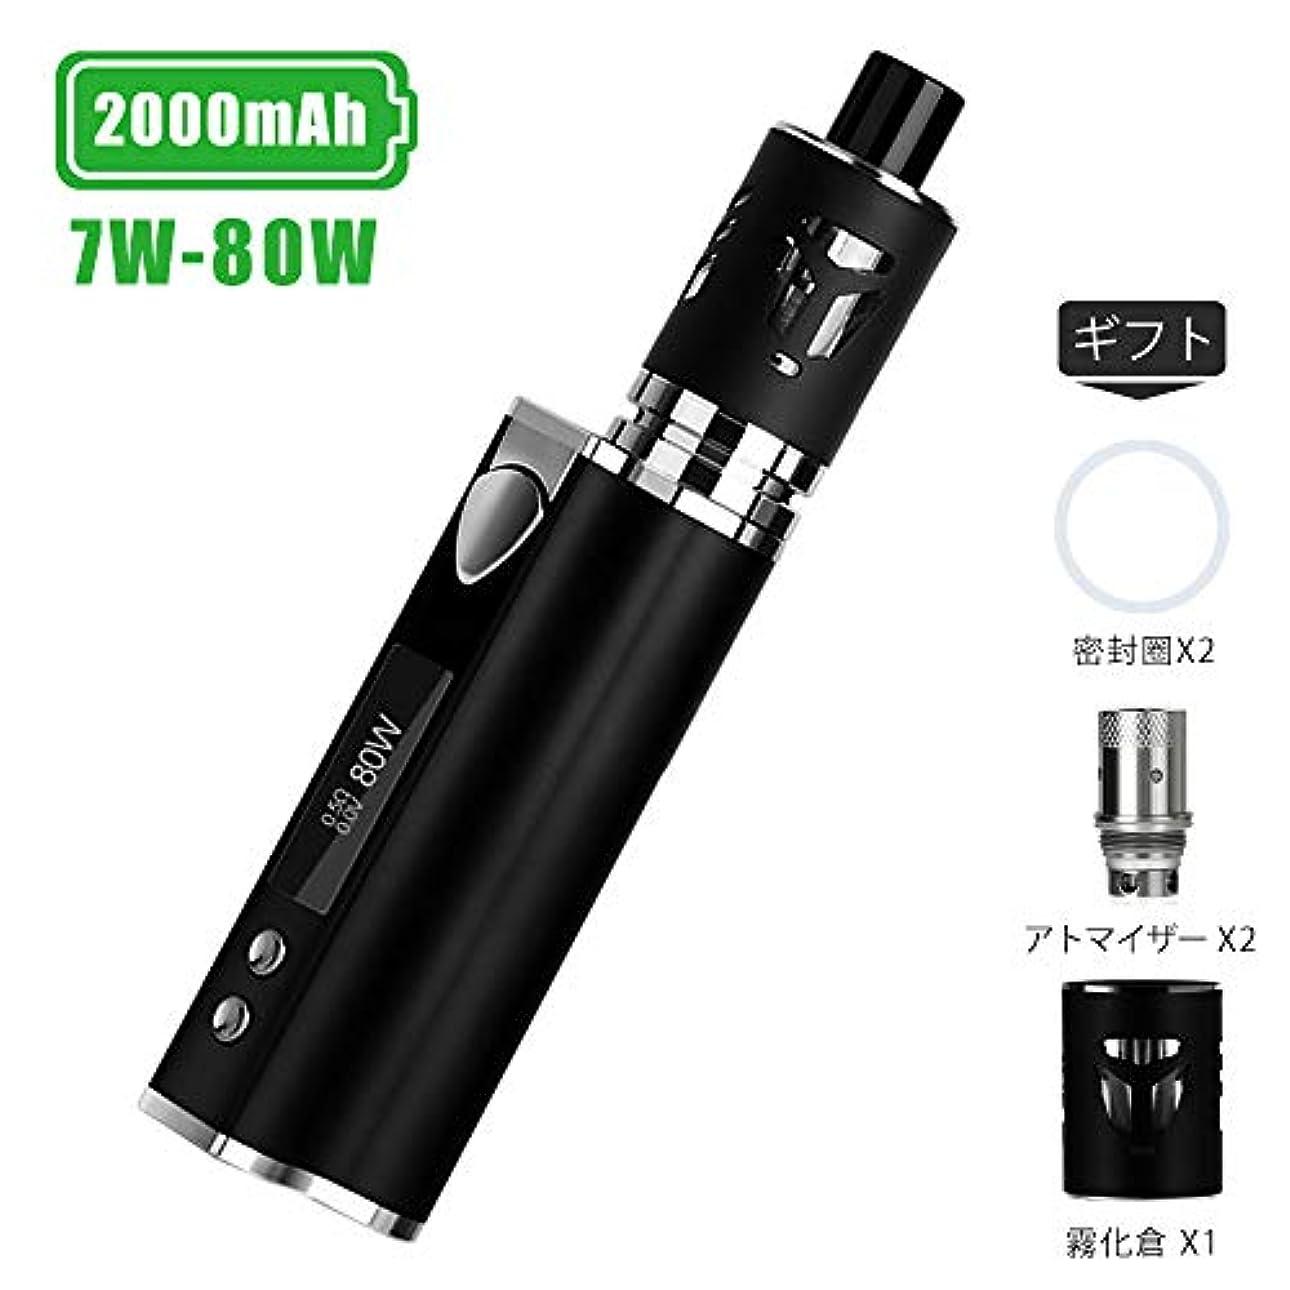 新鮮な情緒的うがい電子タバコ 電子たばこ パワー調節機能付き スターターキット 80W 2000mAh大容量 Vape バッテリー 爆煙 LCDスクリーン 視覚化 タンク日本語取扱説明書付き黑色